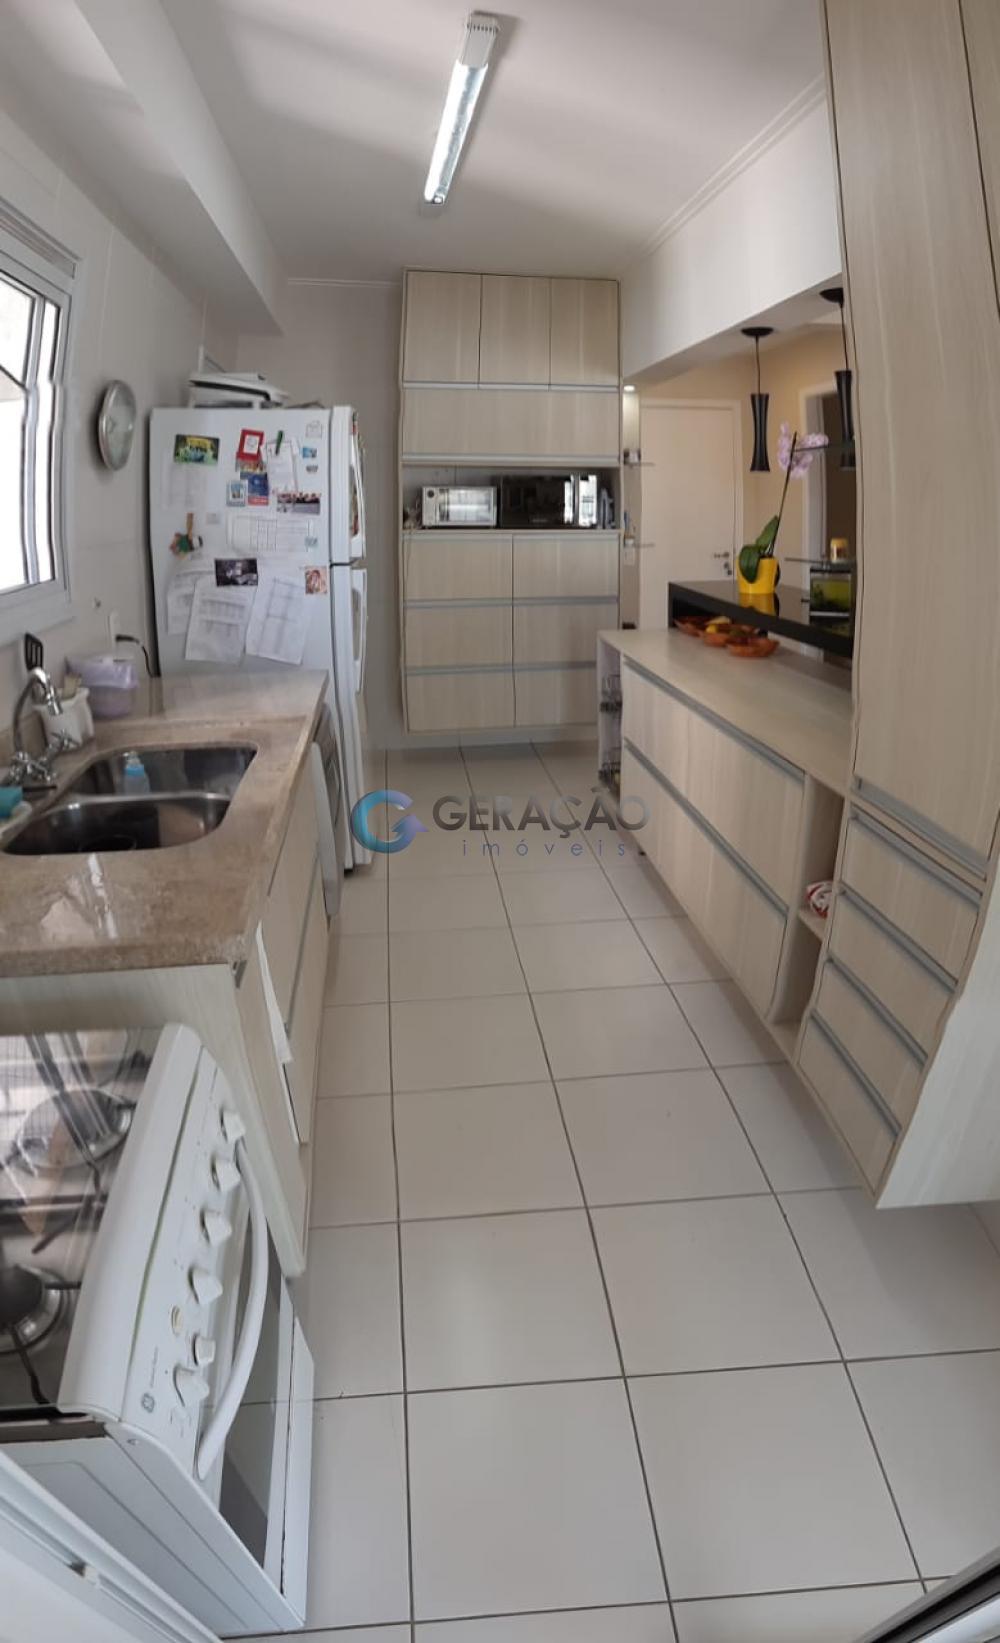 Comprar Apartamento / Padrão em São José dos Campos apenas R$ 800.000,00 - Foto 8